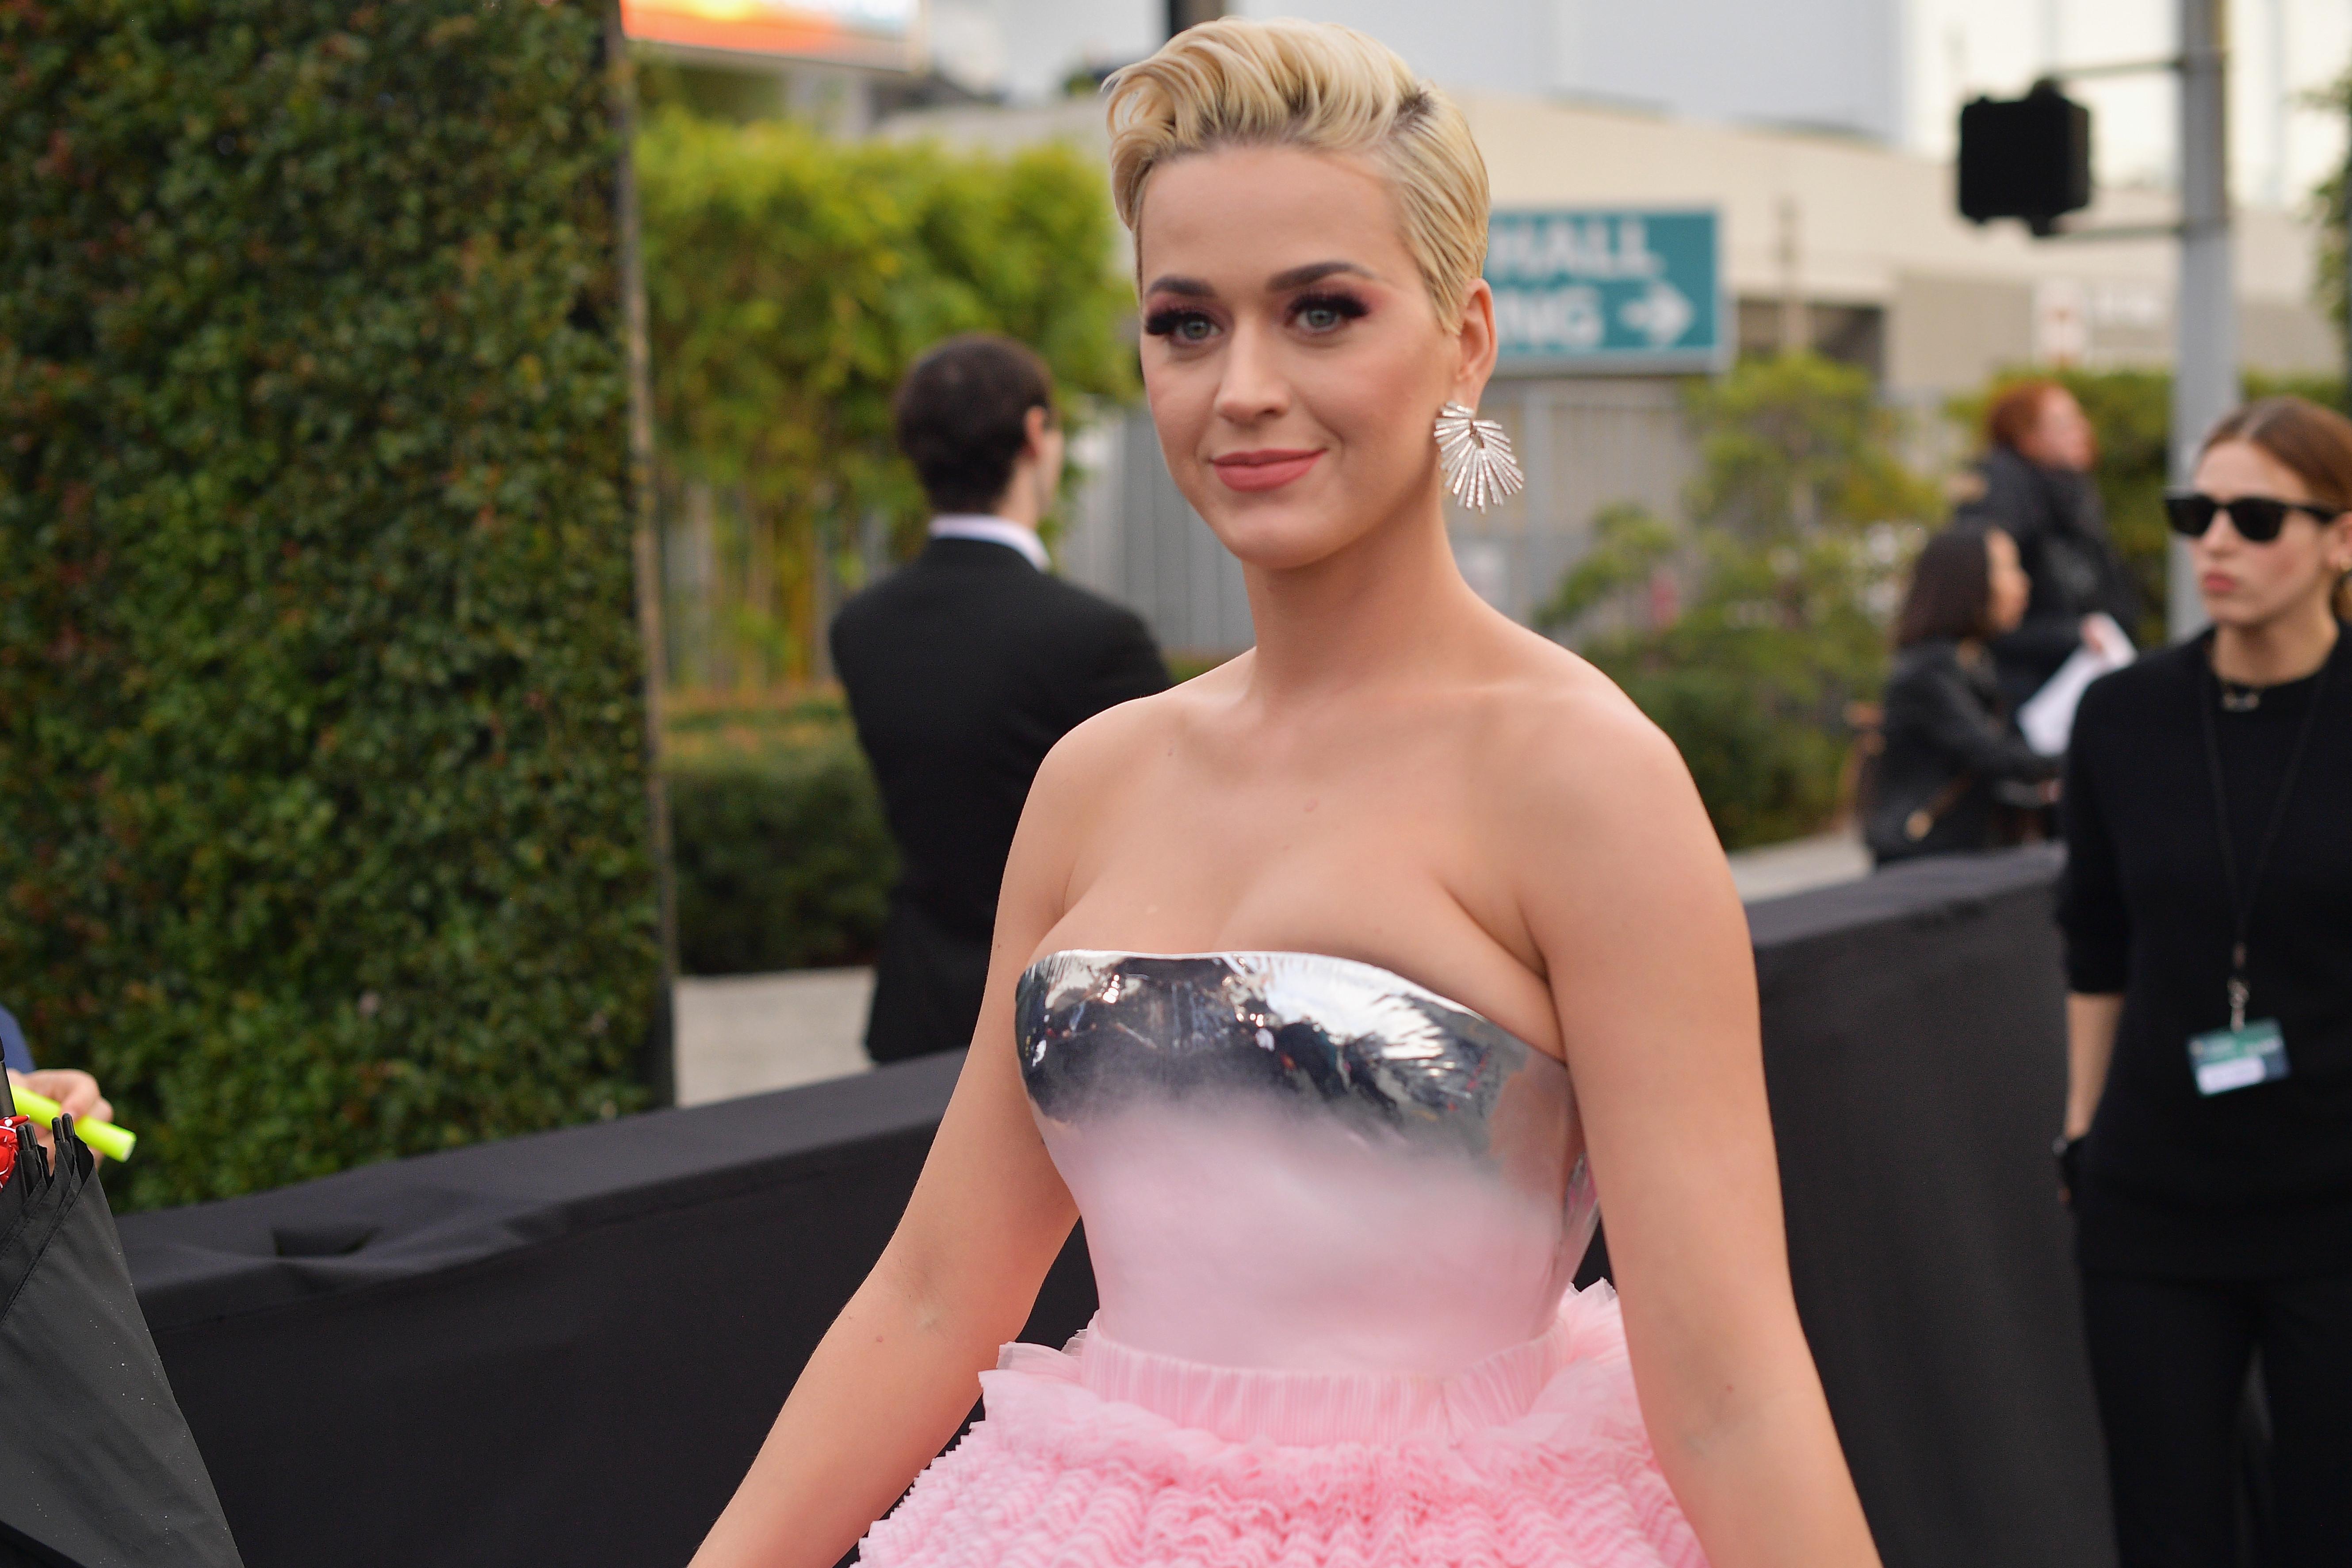 Padrão cobra e cor-de-rosa: Eis o look de Katy Perry para ir à Broadway